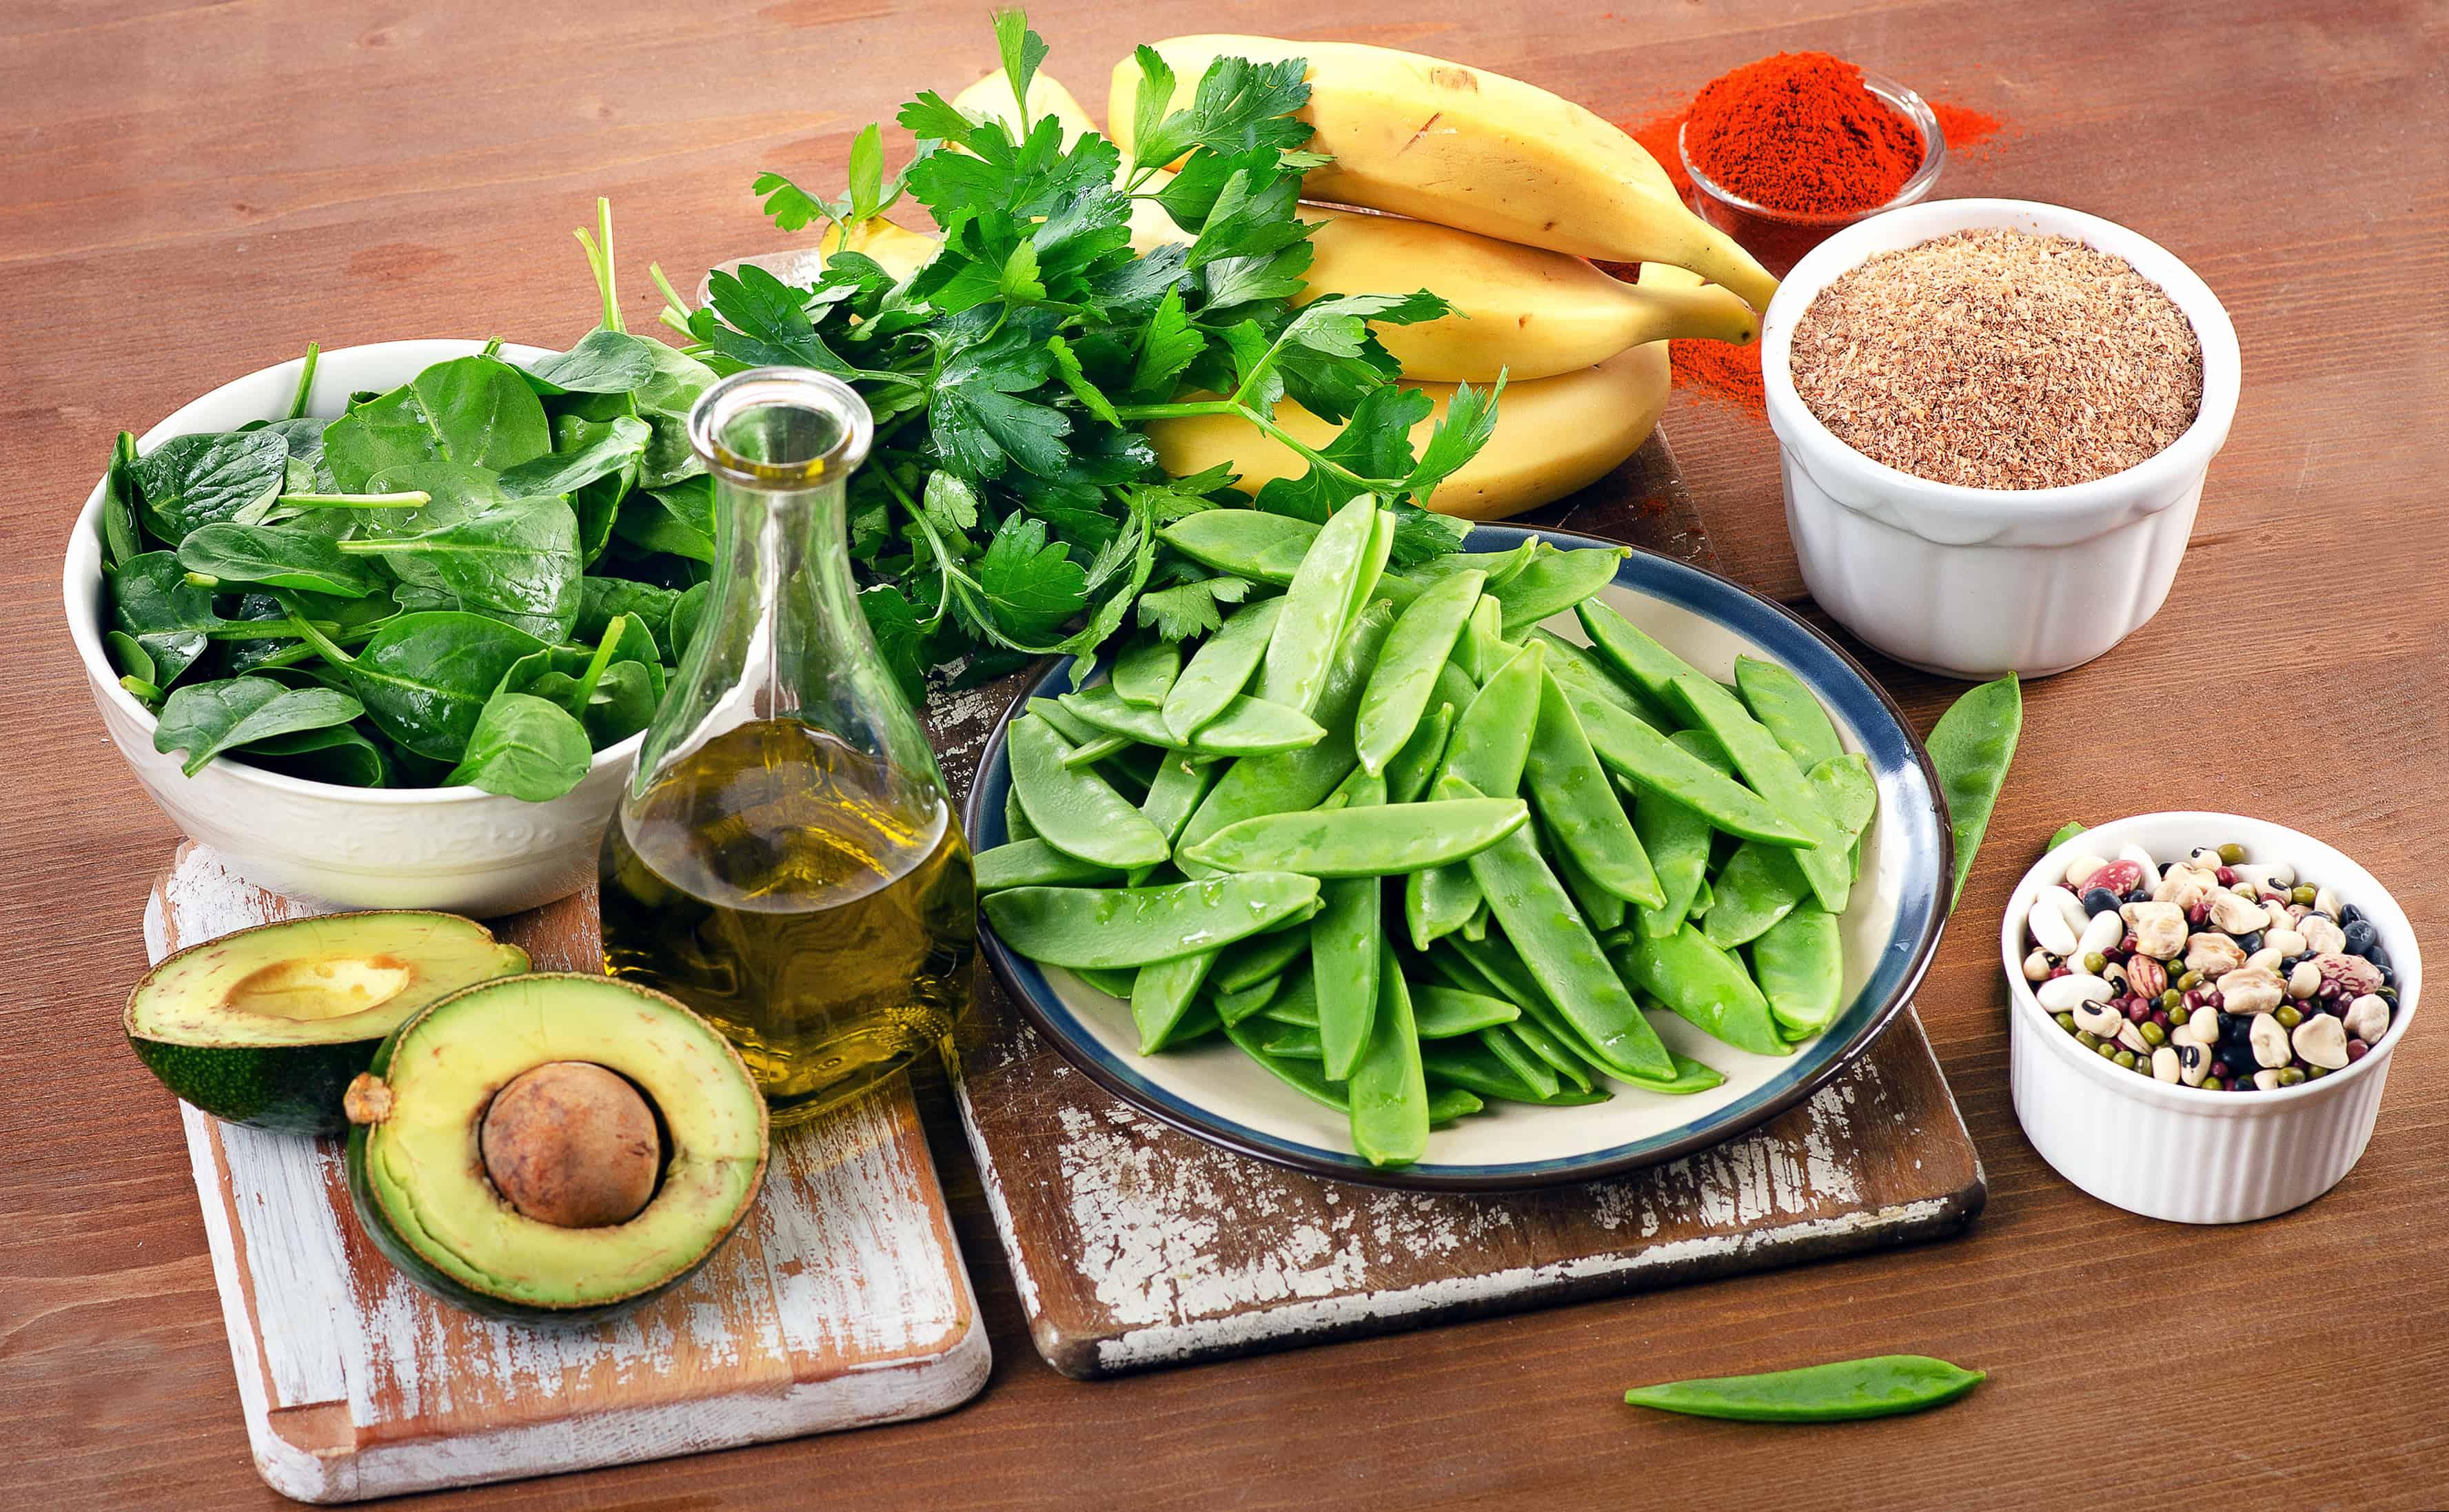 Vitamin K Lebensmittel mit hohem Vitamin K Gehalt in pflanzlichen Lebensmitteln in tierischen und fermentierten Lebensmitteln bioverfügbar Nahrungsergänzung getrockneten Kräutern und Gewürzen Petersilie Schnittlauch Fermentierung Bakterien fettlöslich